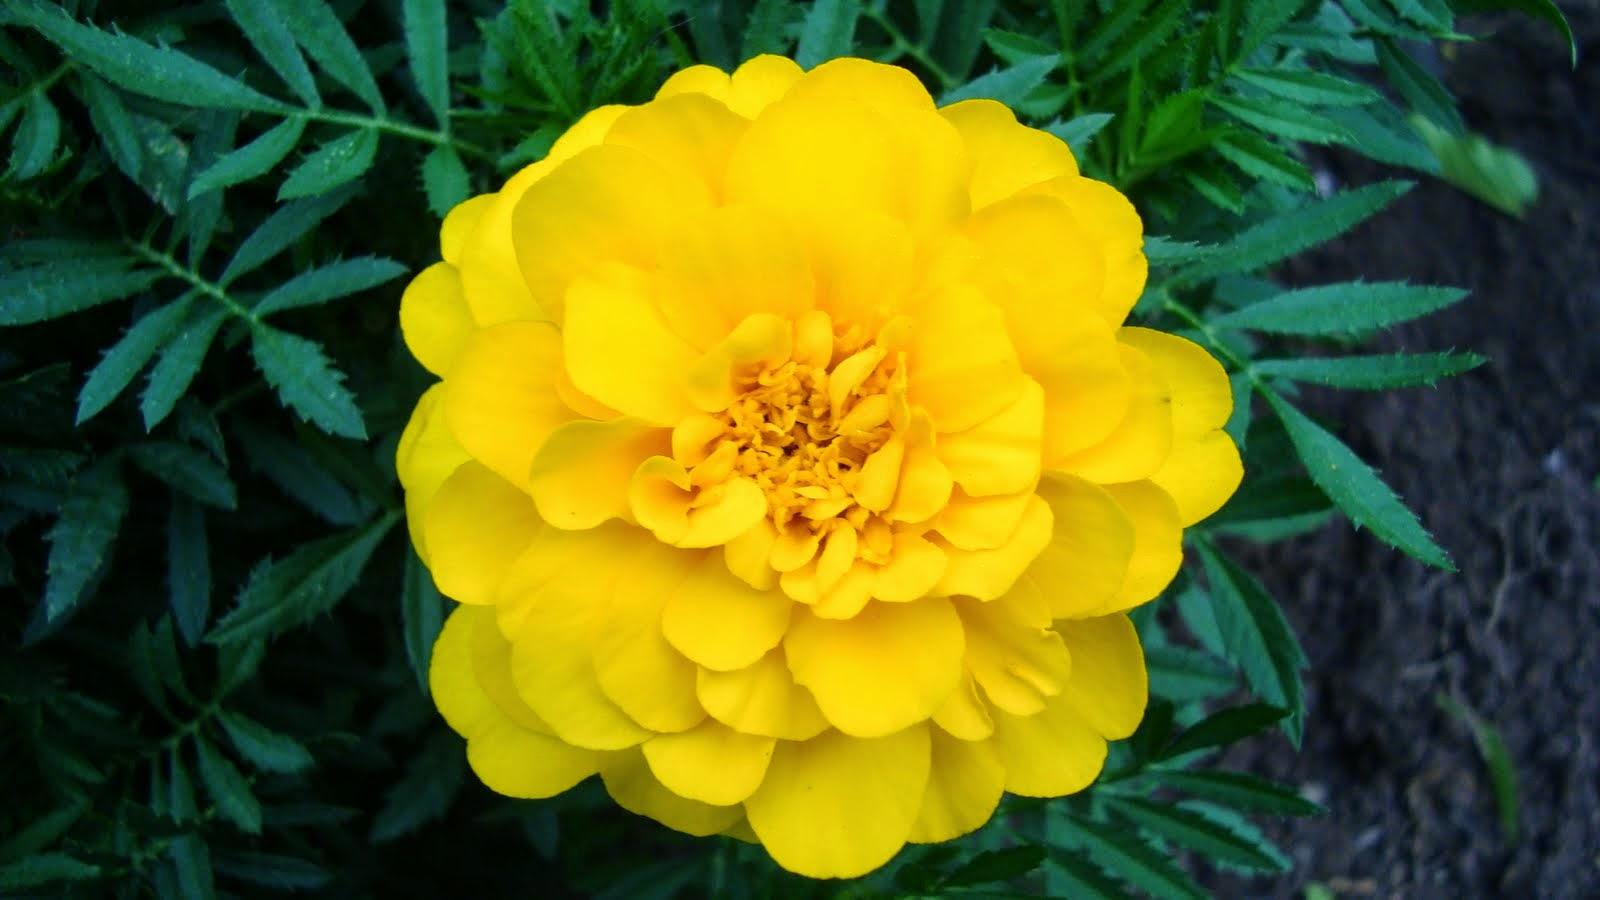 Hoa cúc vạn thọ màu vàng rất đẹp